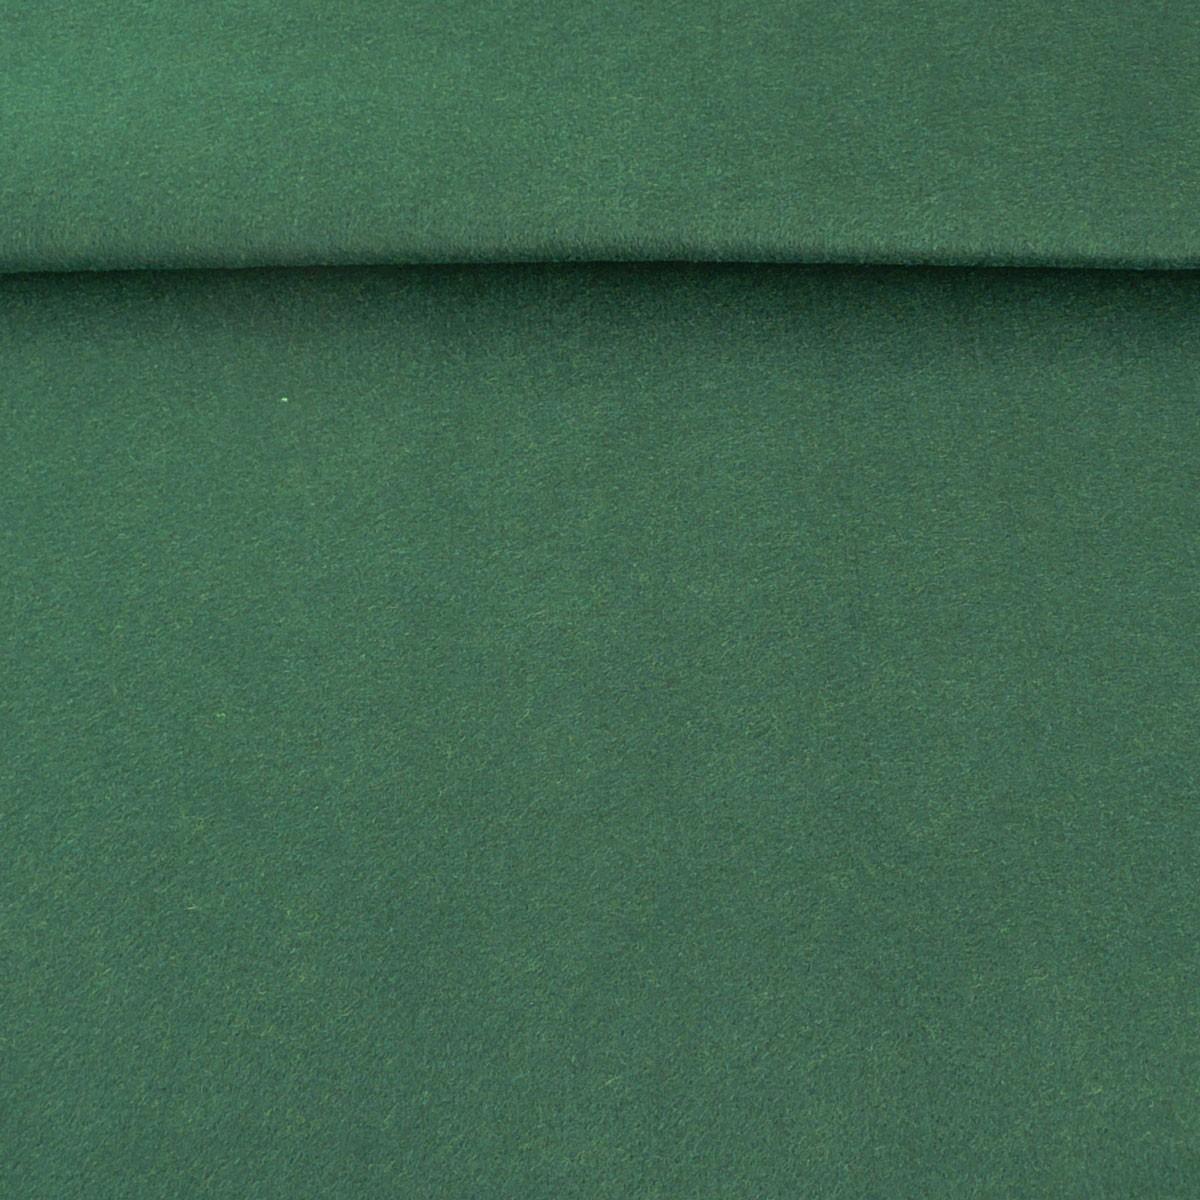 Kreativstoff Filz einfarbig tannengrün 180cm Breite 2mm Stärke